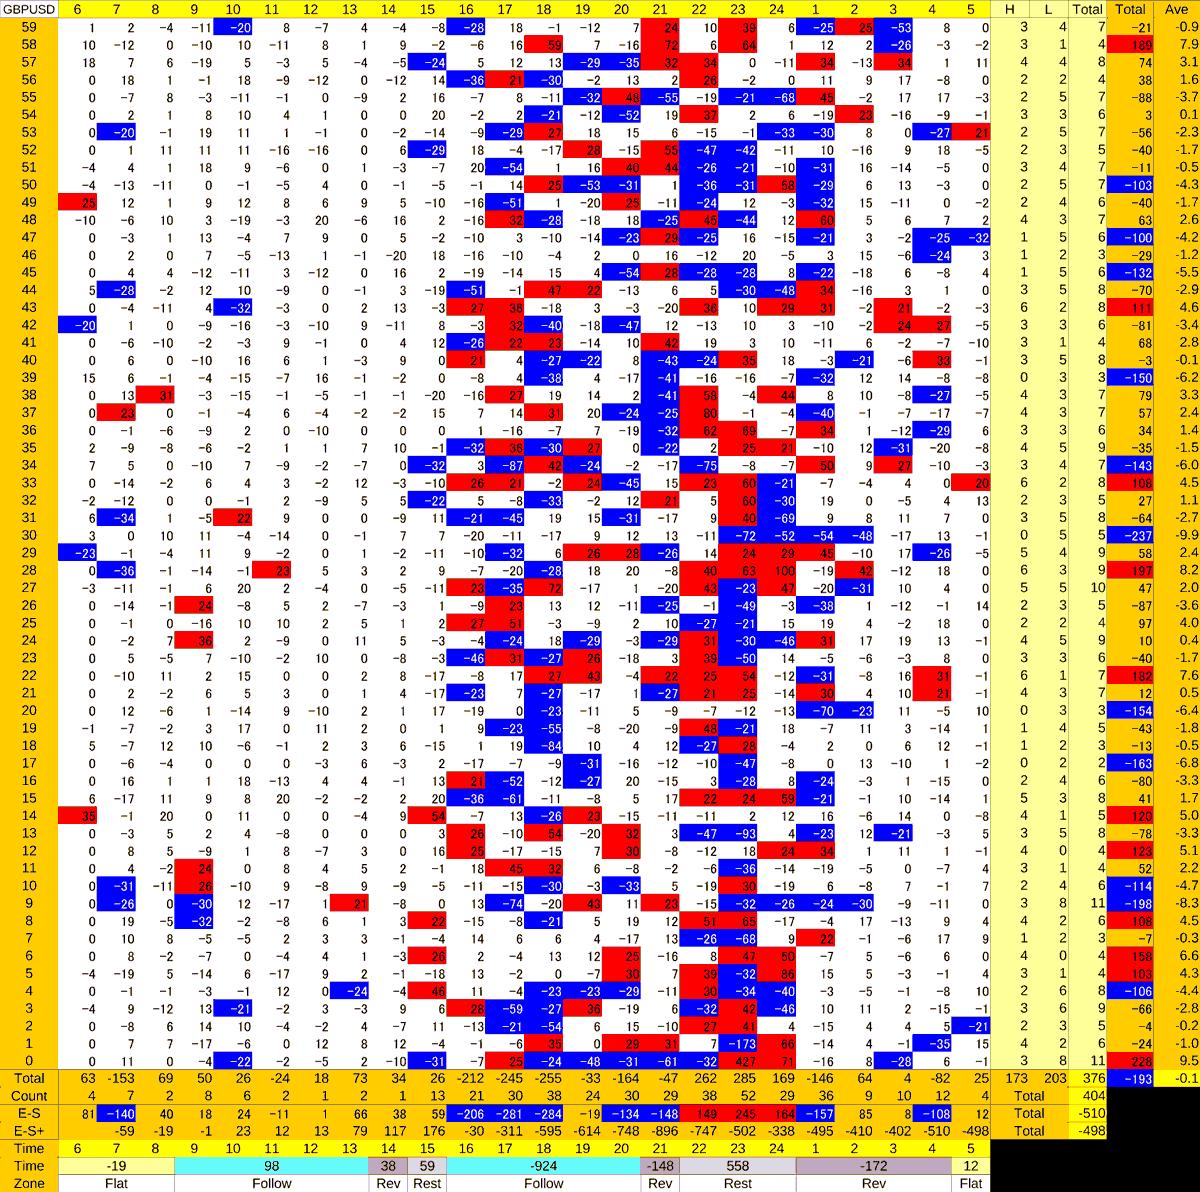 20201028_HS(2)GBPUSD